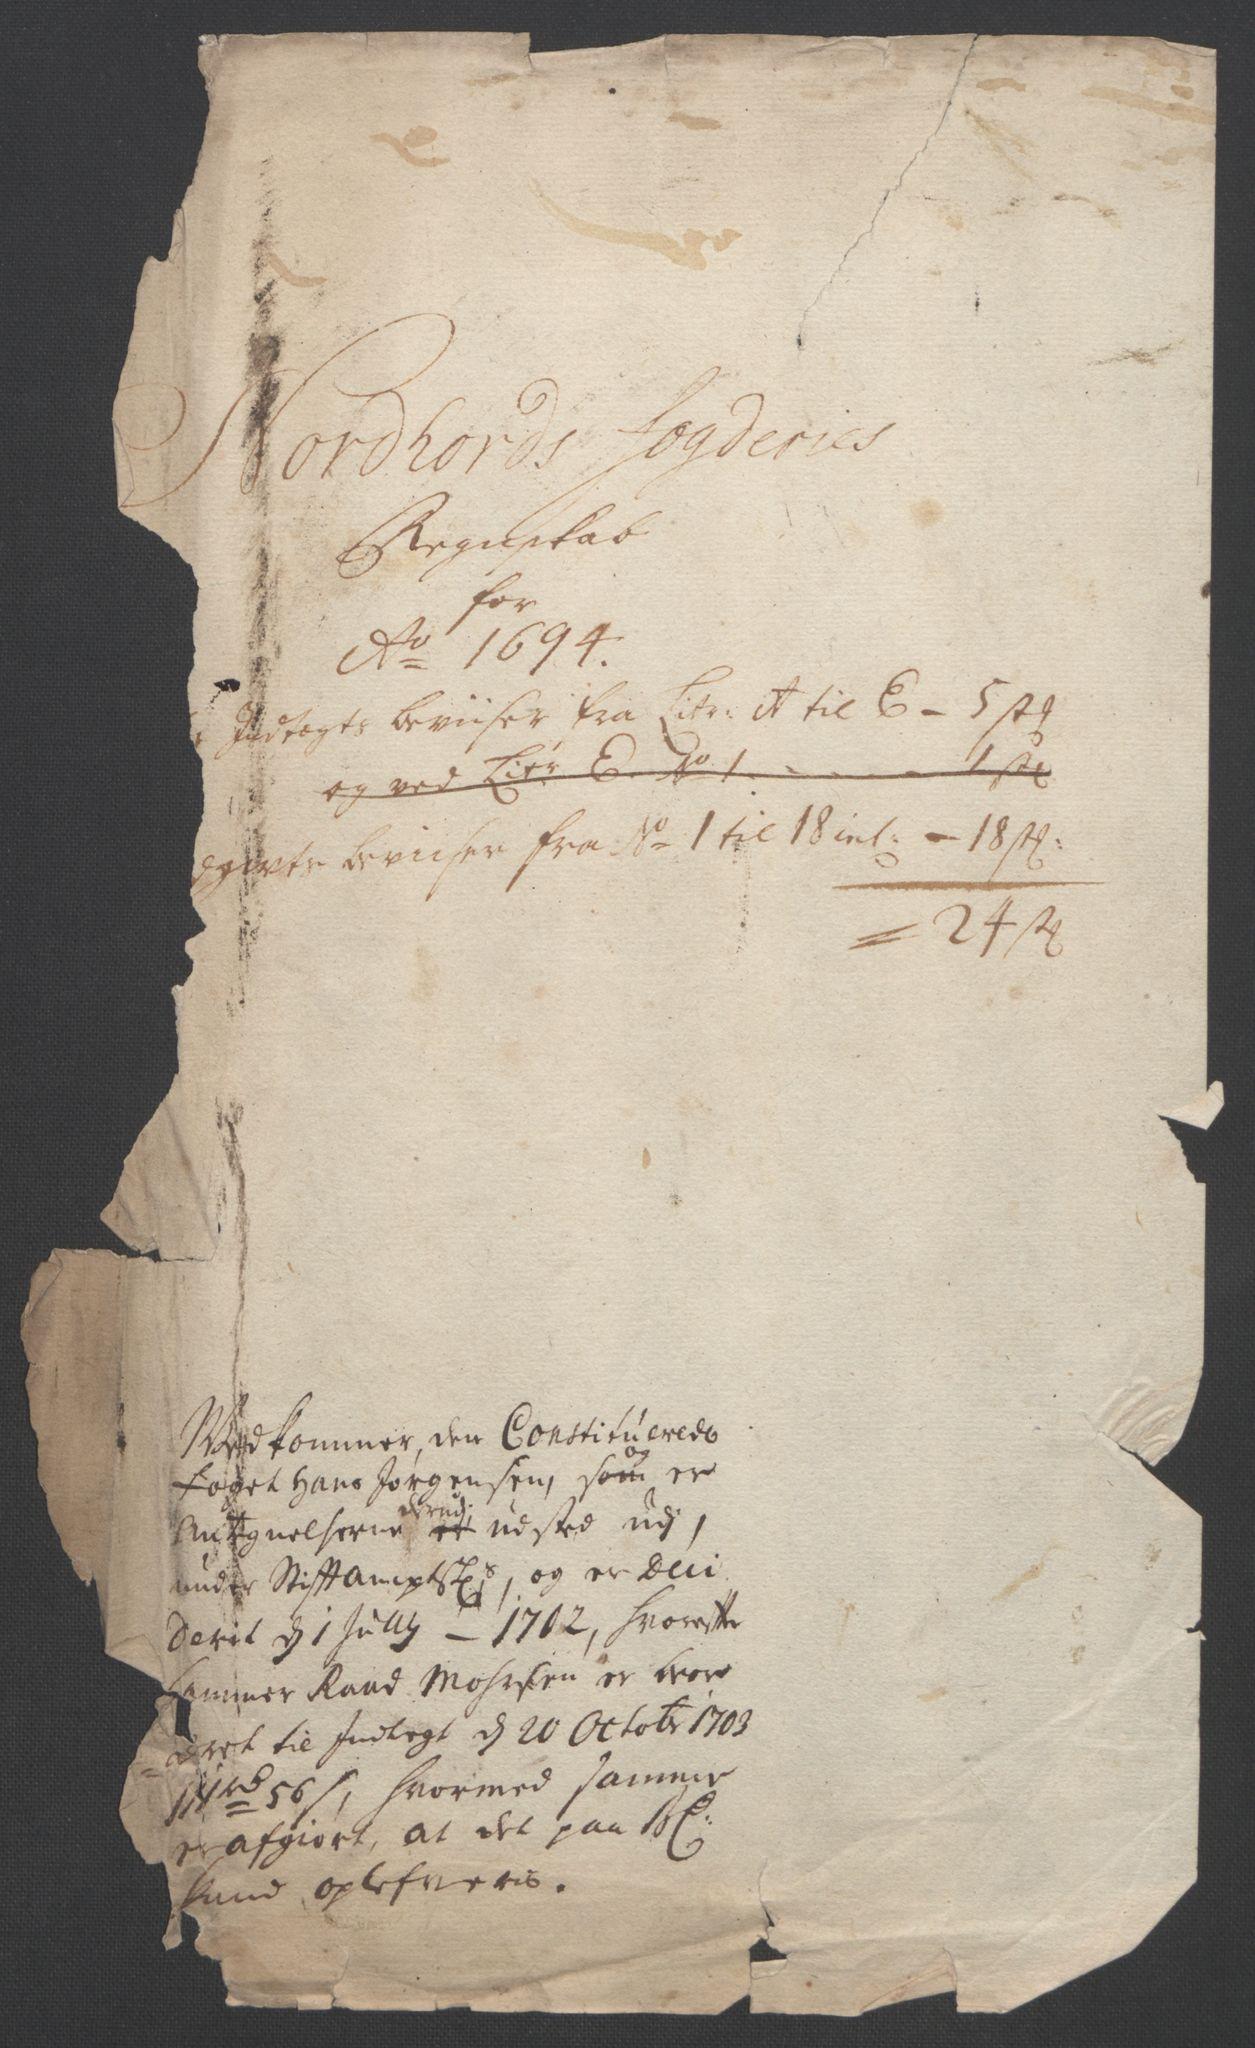 RA, Rentekammeret inntil 1814, Reviderte regnskaper, Fogderegnskap, R51/L3183: Fogderegnskap Nordhordland og Voss, 1695-1697, s. 3